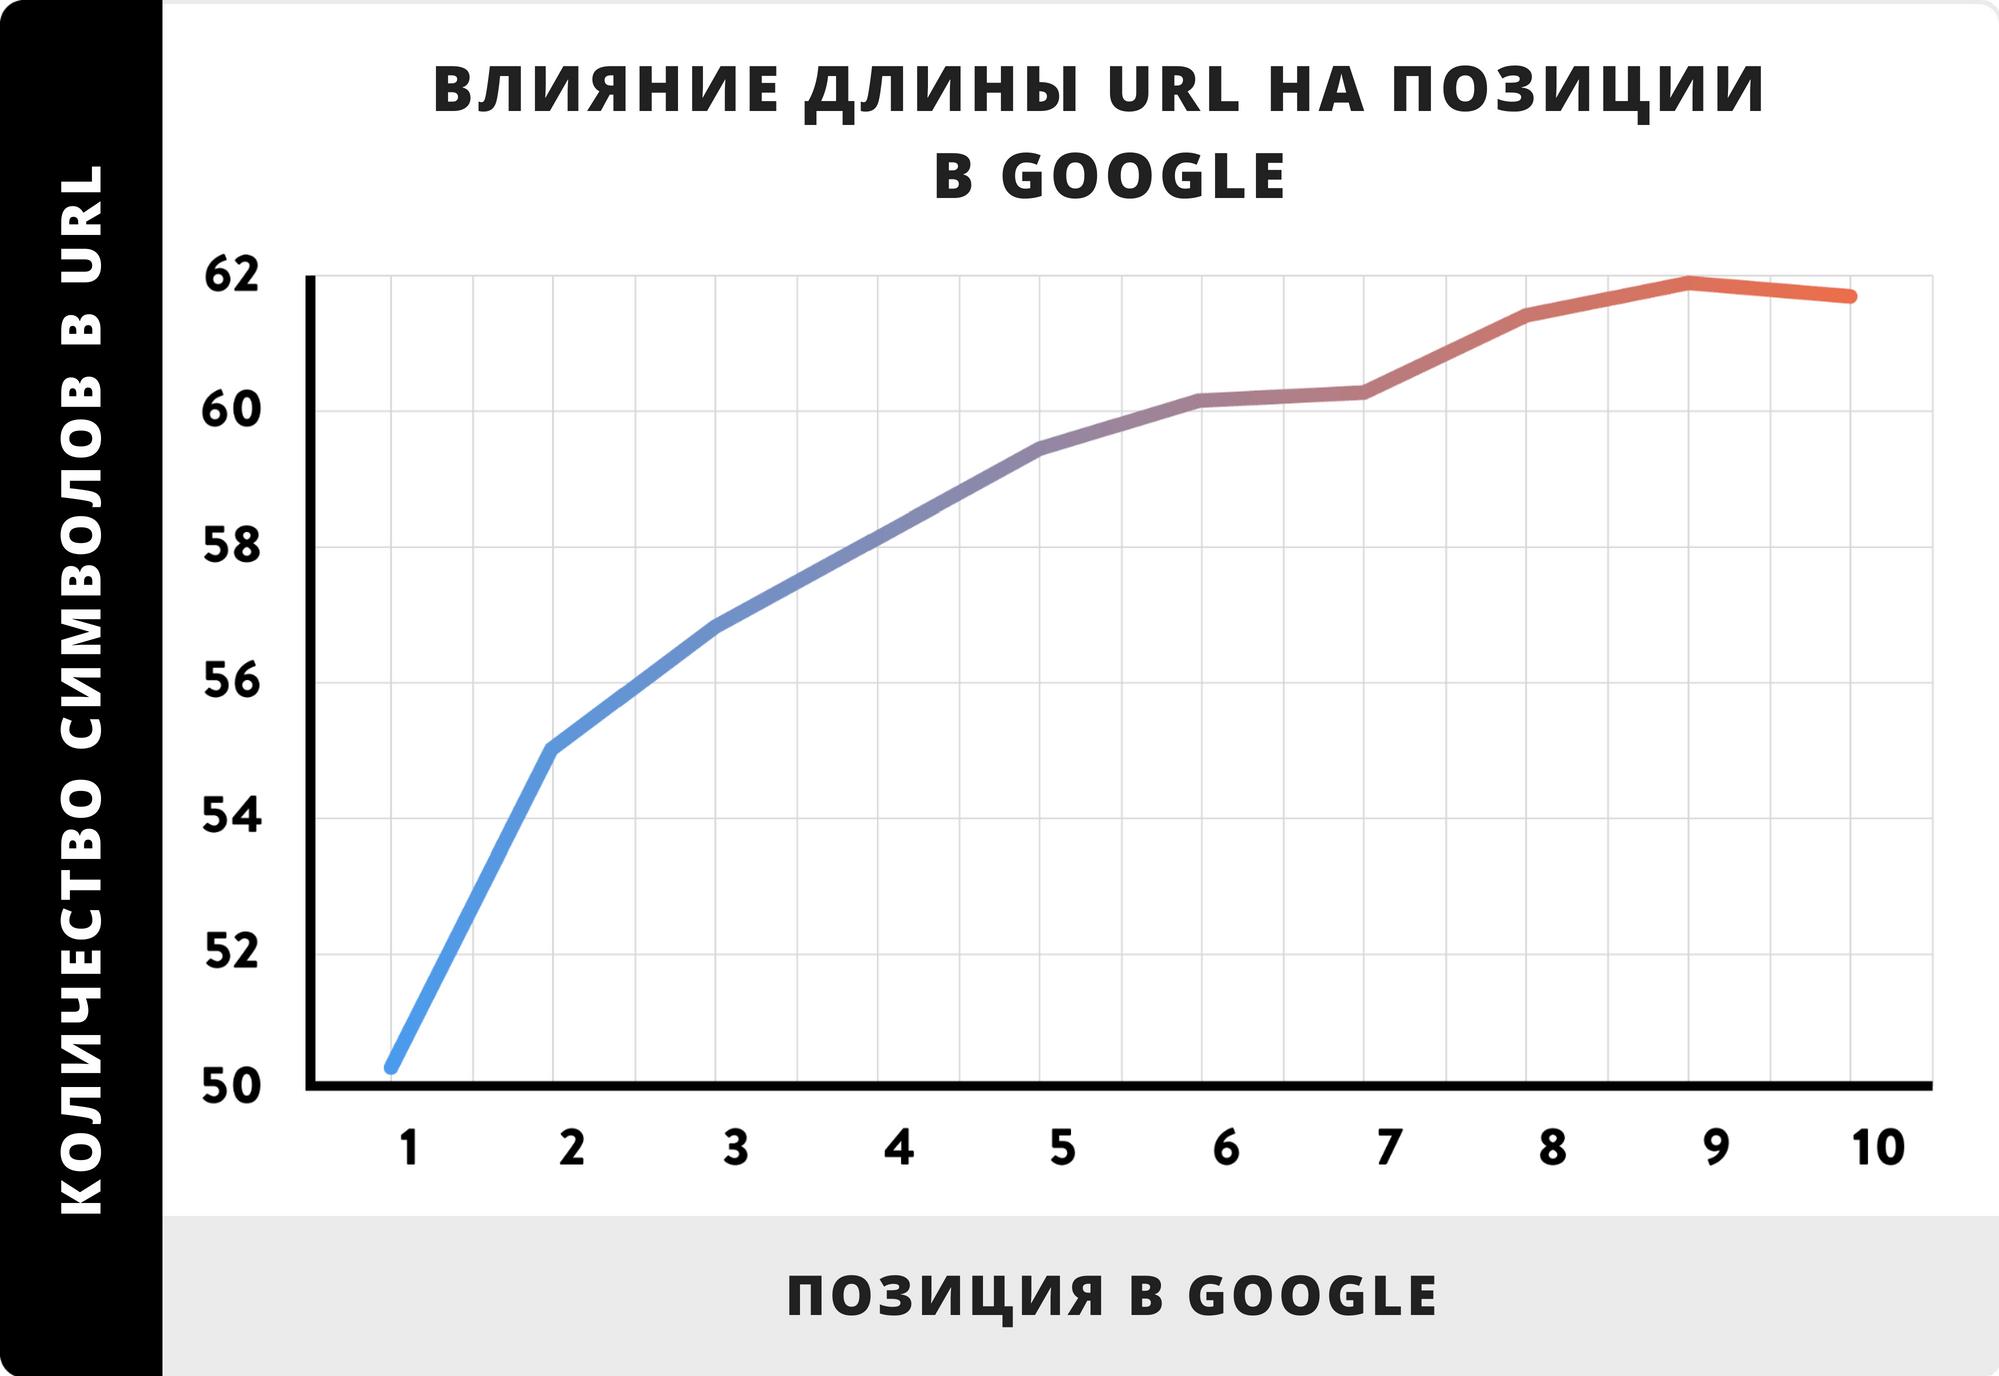 Влияние длины URL